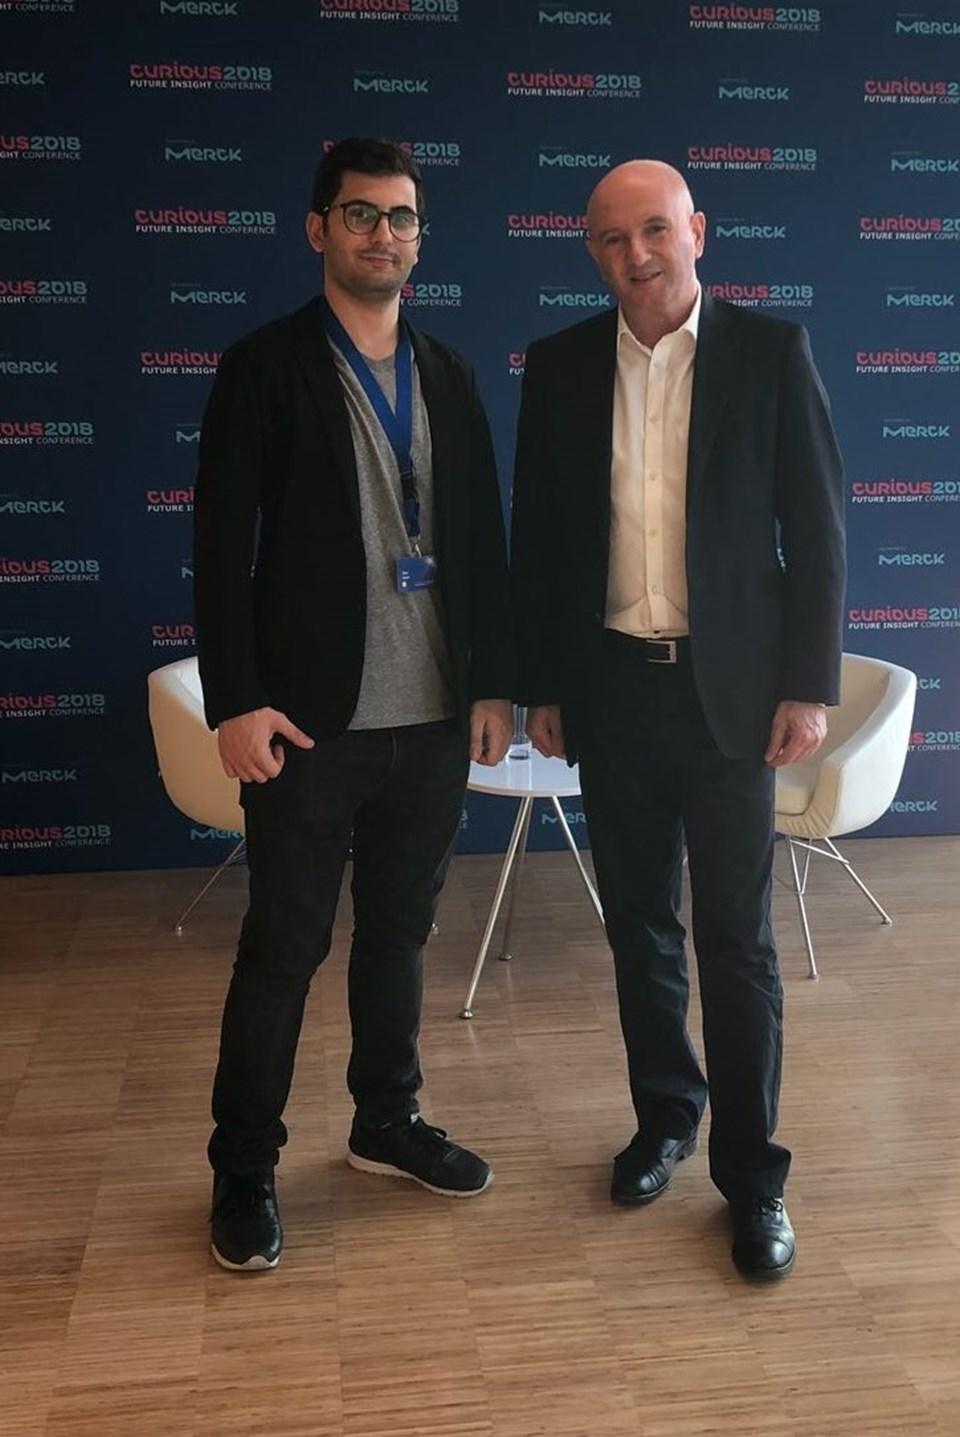 Profesör Daniel Zajfman (sağda), 'Curious 2018 Future Insight' isimli bilimsel merak ve gelecek temalı konferansta bilimsel gelişmelerin geleceği konusunda bir konuşma yaptı.